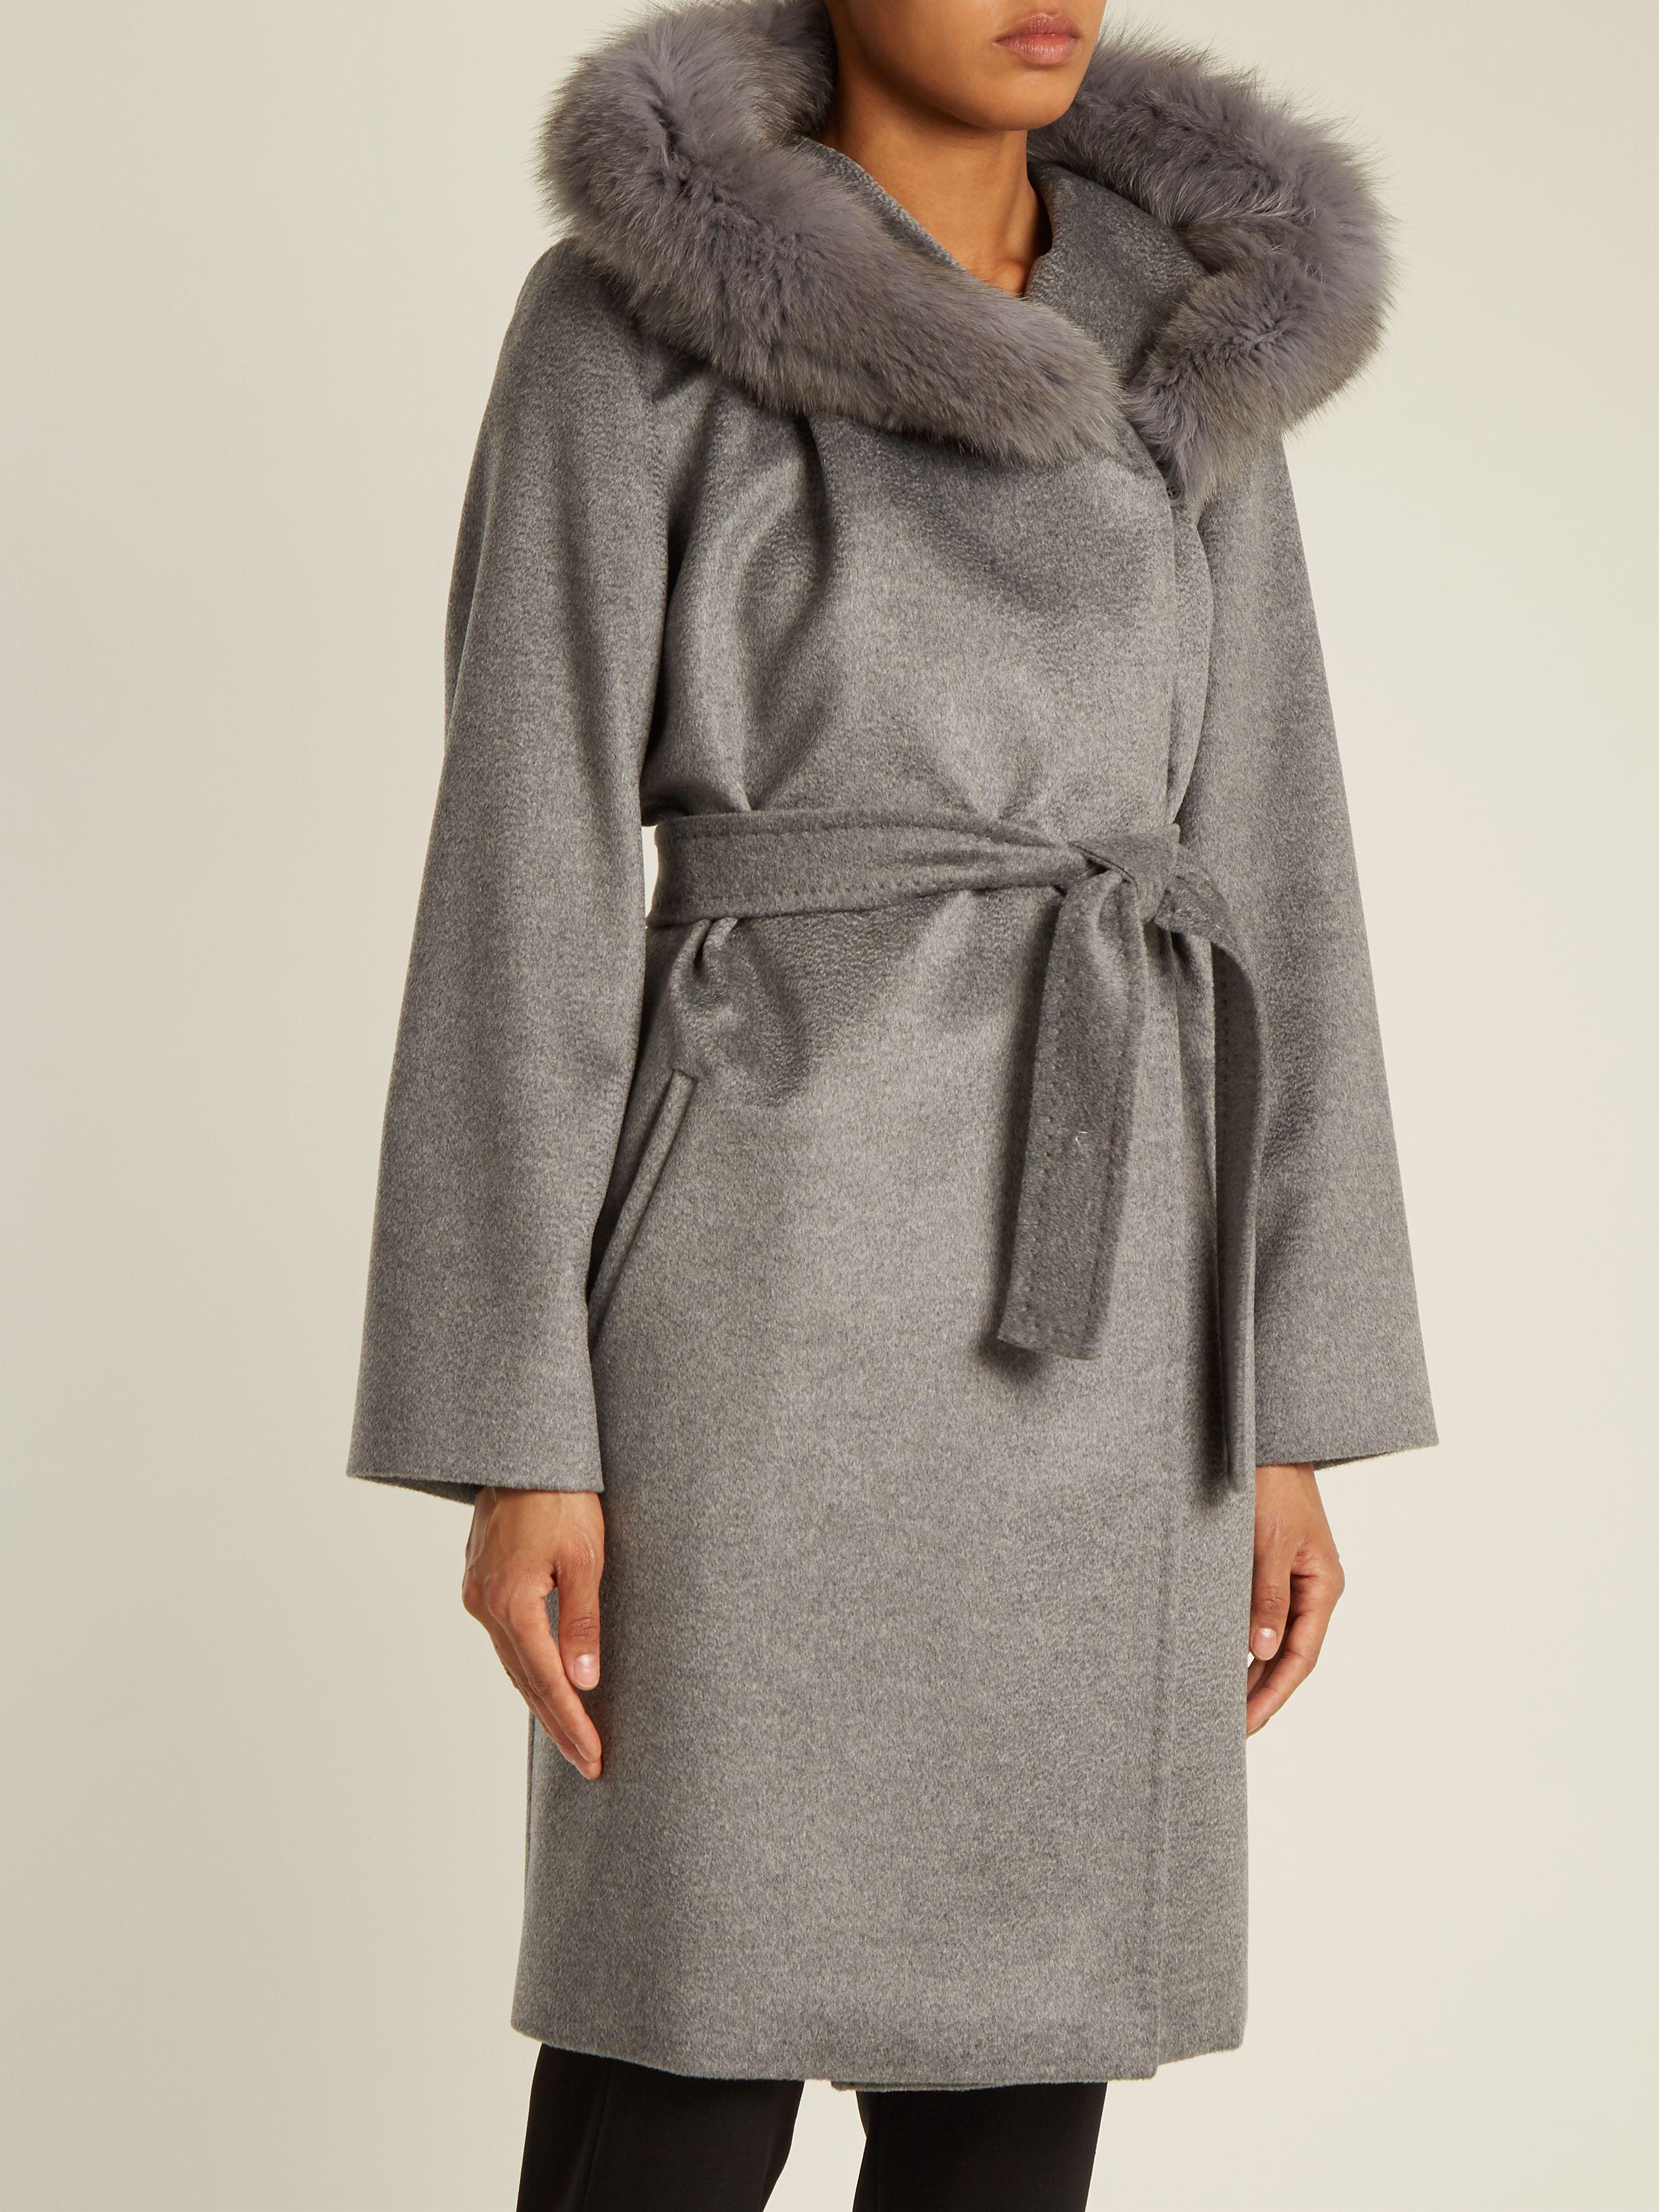 17591276fd7 Diritto coat